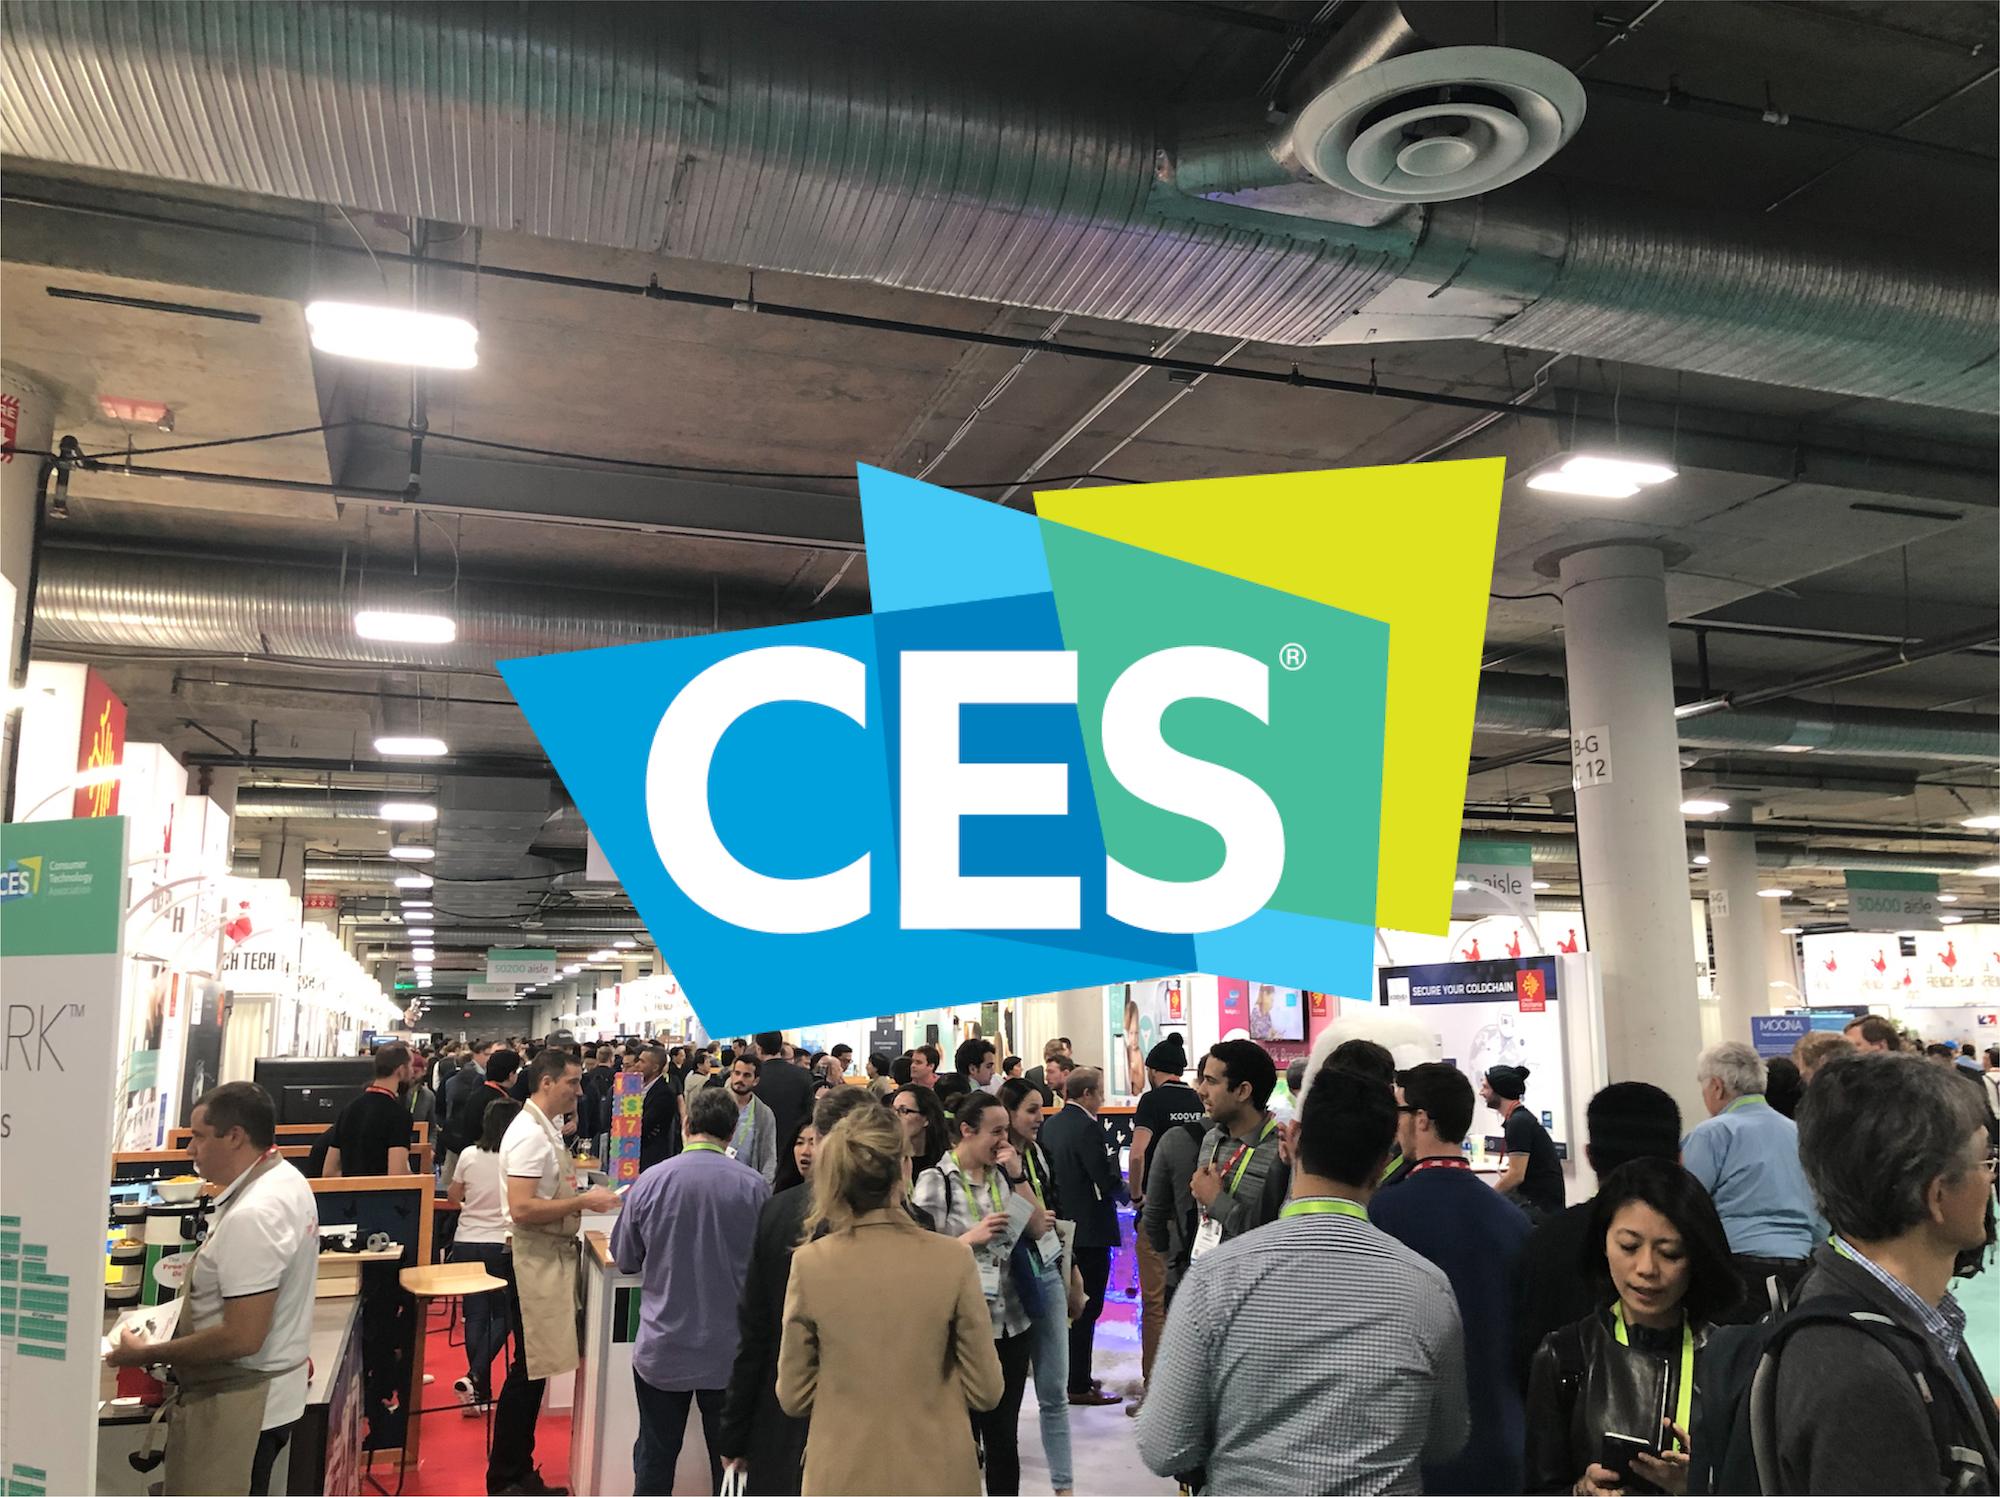 CES 2019 : Geolocaux visite le plus grand salon dédié à l'innovation